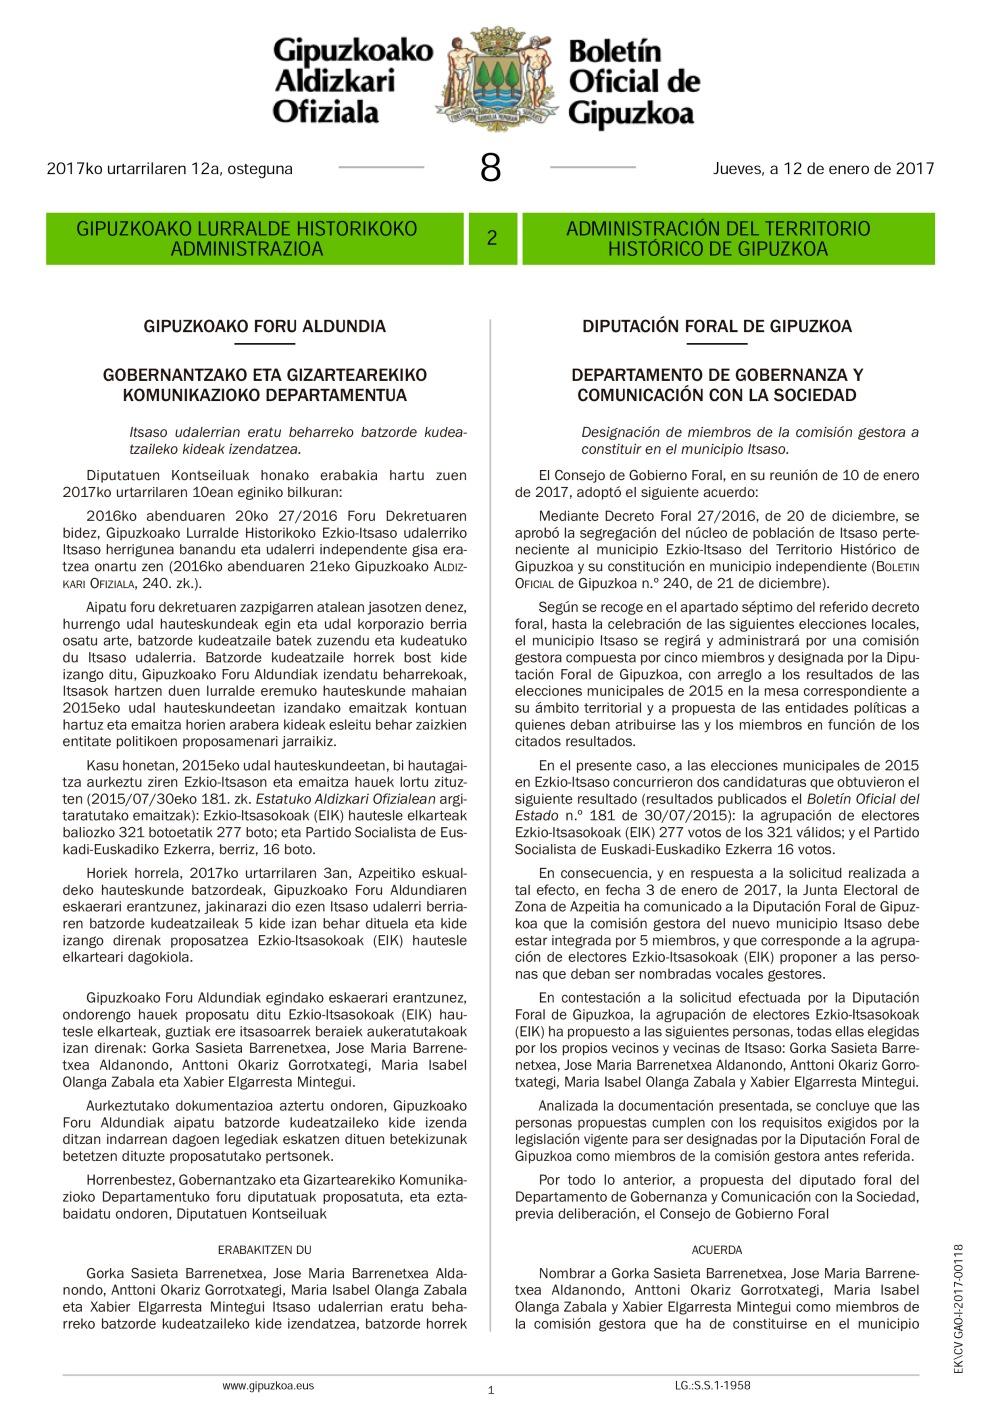 gipuzkoako-aldizkari-ofiziala01